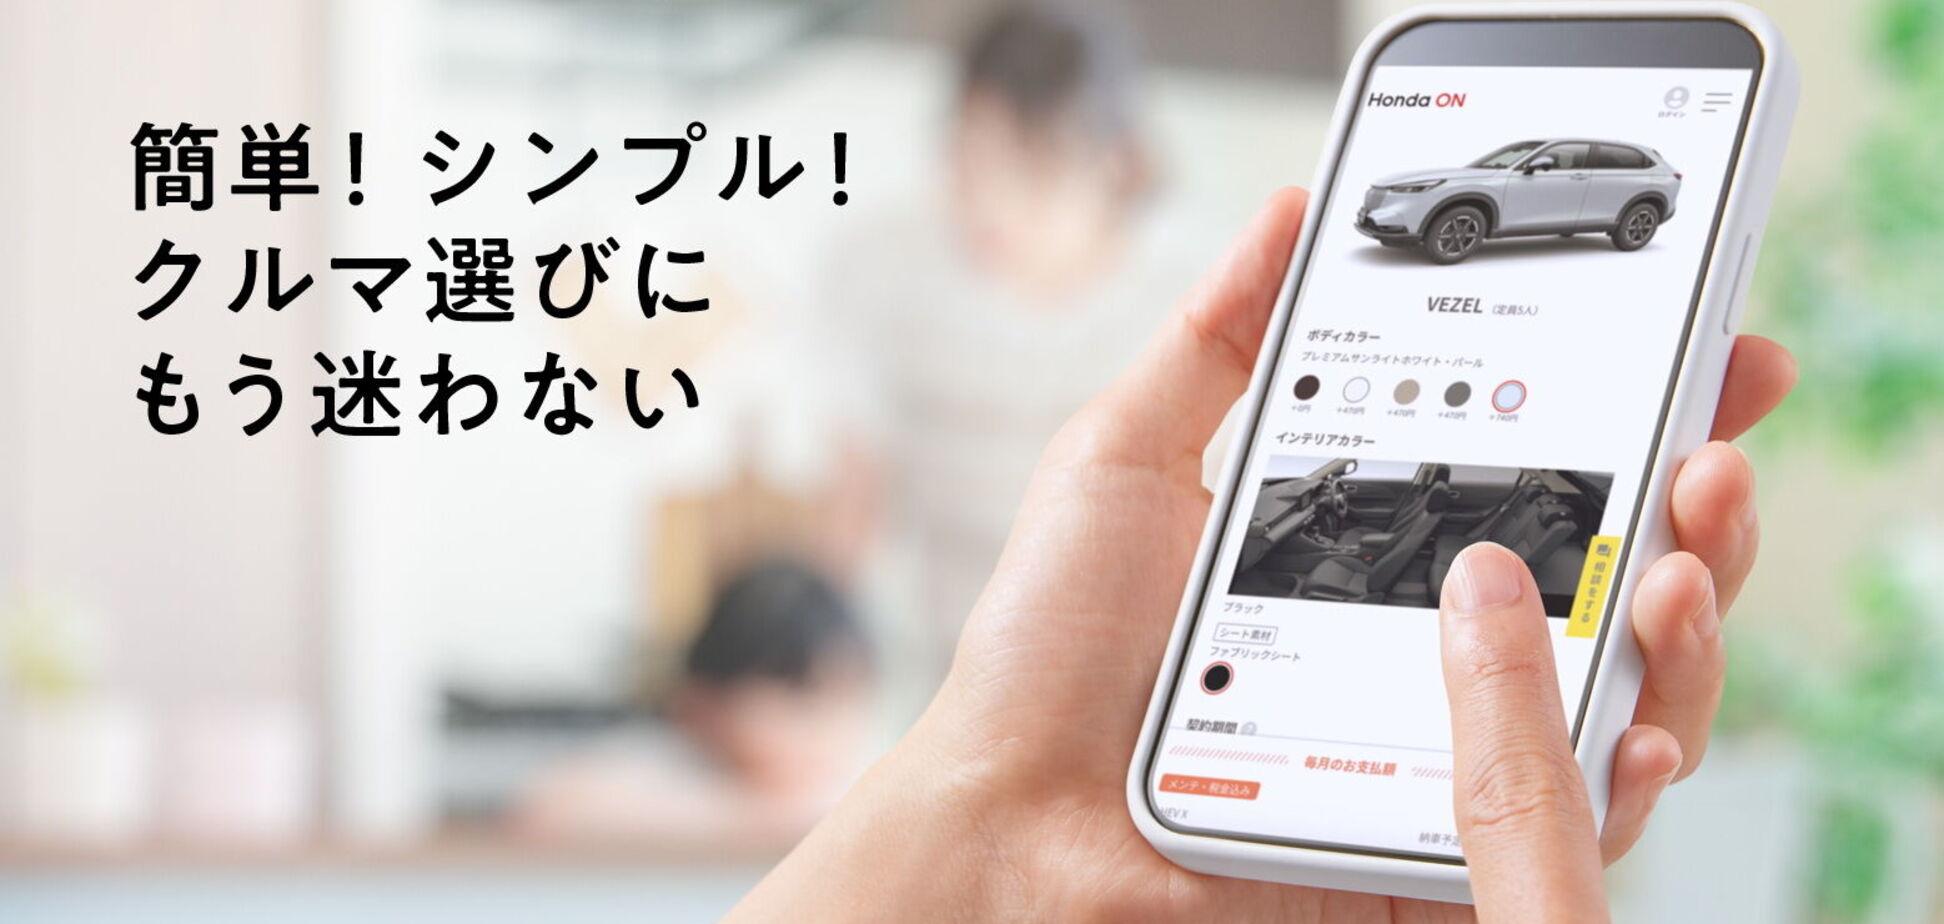 Honda стала першим у Японії виробником, який почав продажі онлайн